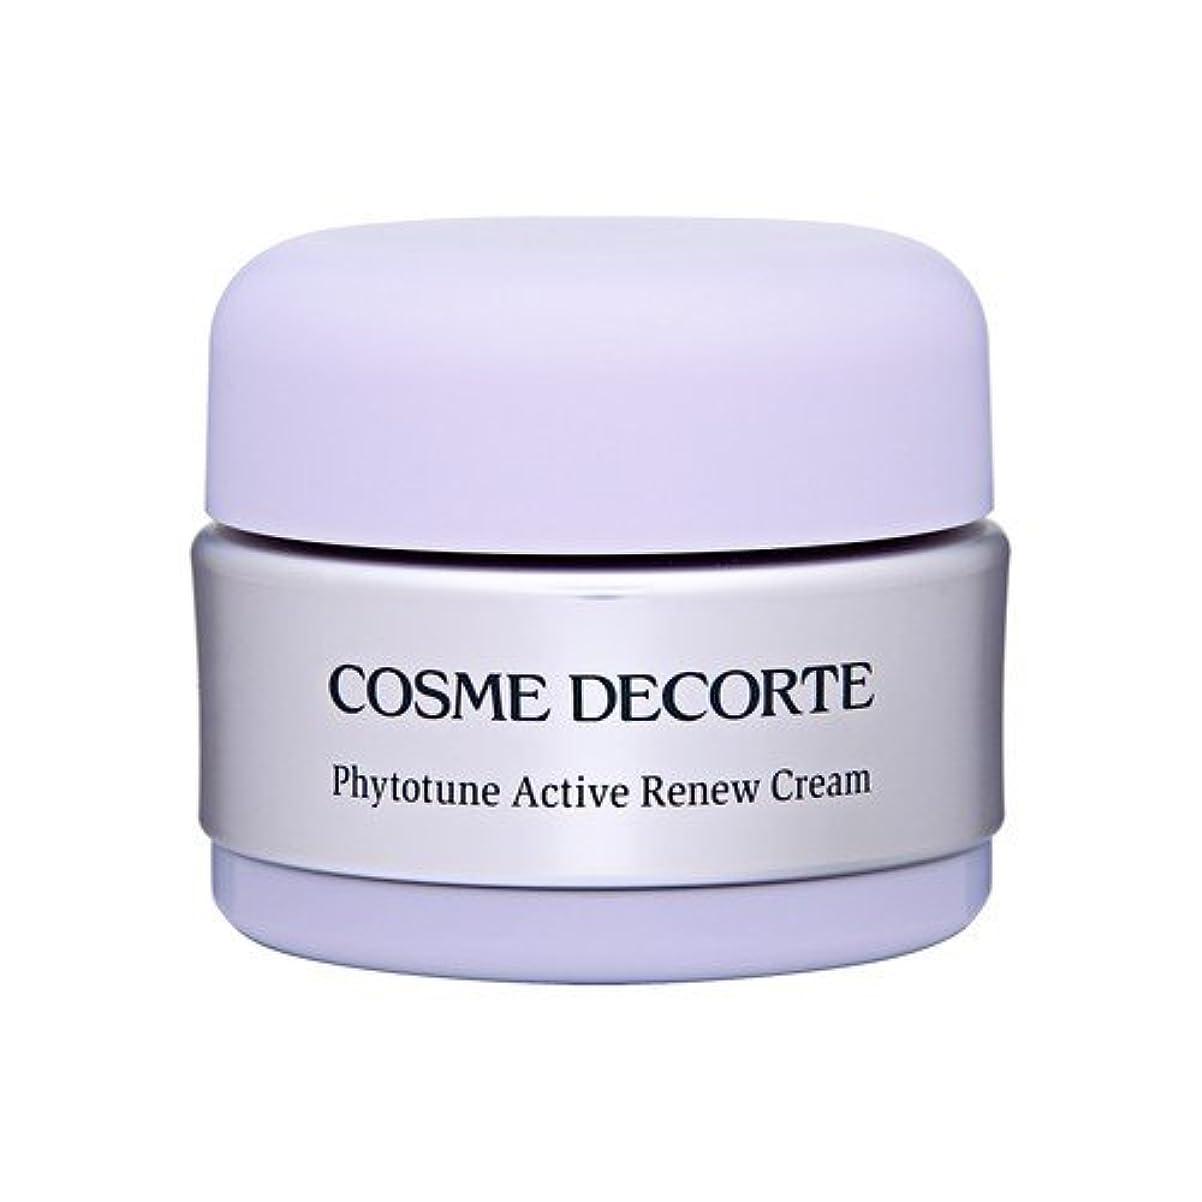 ダイヤル撤回するいつもコスメ デコルテ(COSME DECORTE) フィトチューンアクティブリニュークリーム 30g [364491][並行輸入品]